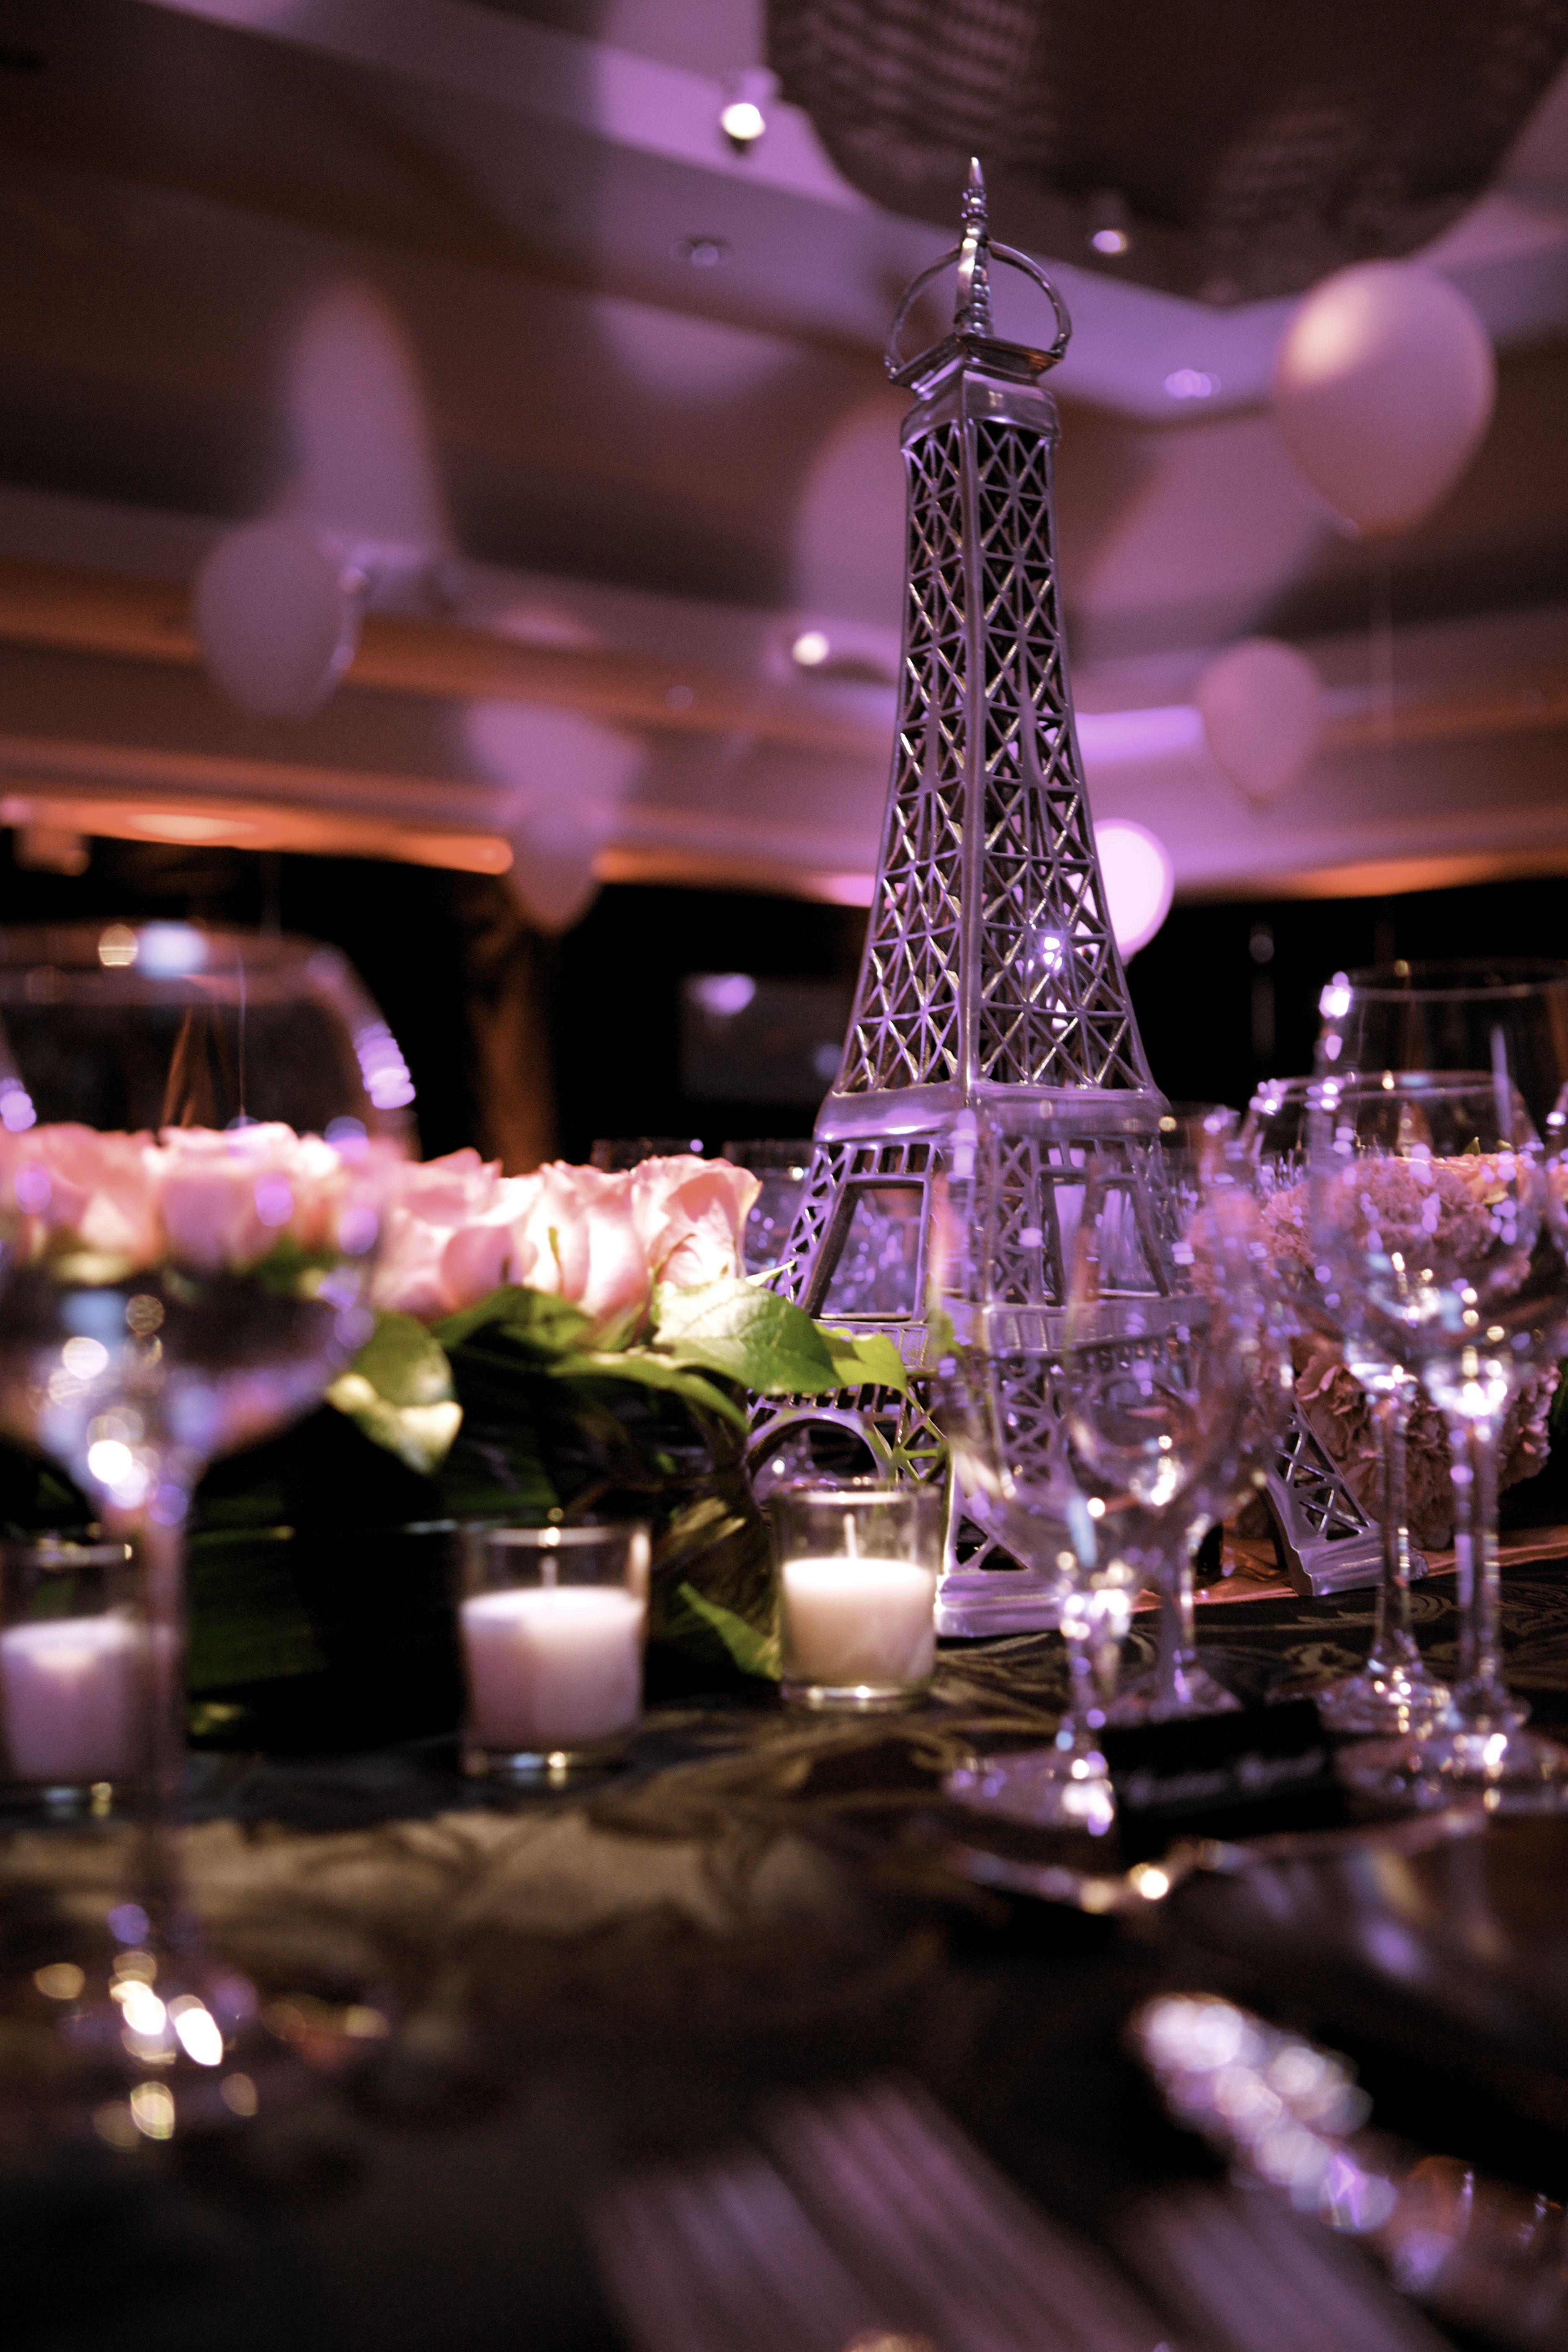 Parisian Theme Table Setting Paris Theme Party Decorations Paris Theme Wedding Parisian Wedding Theme